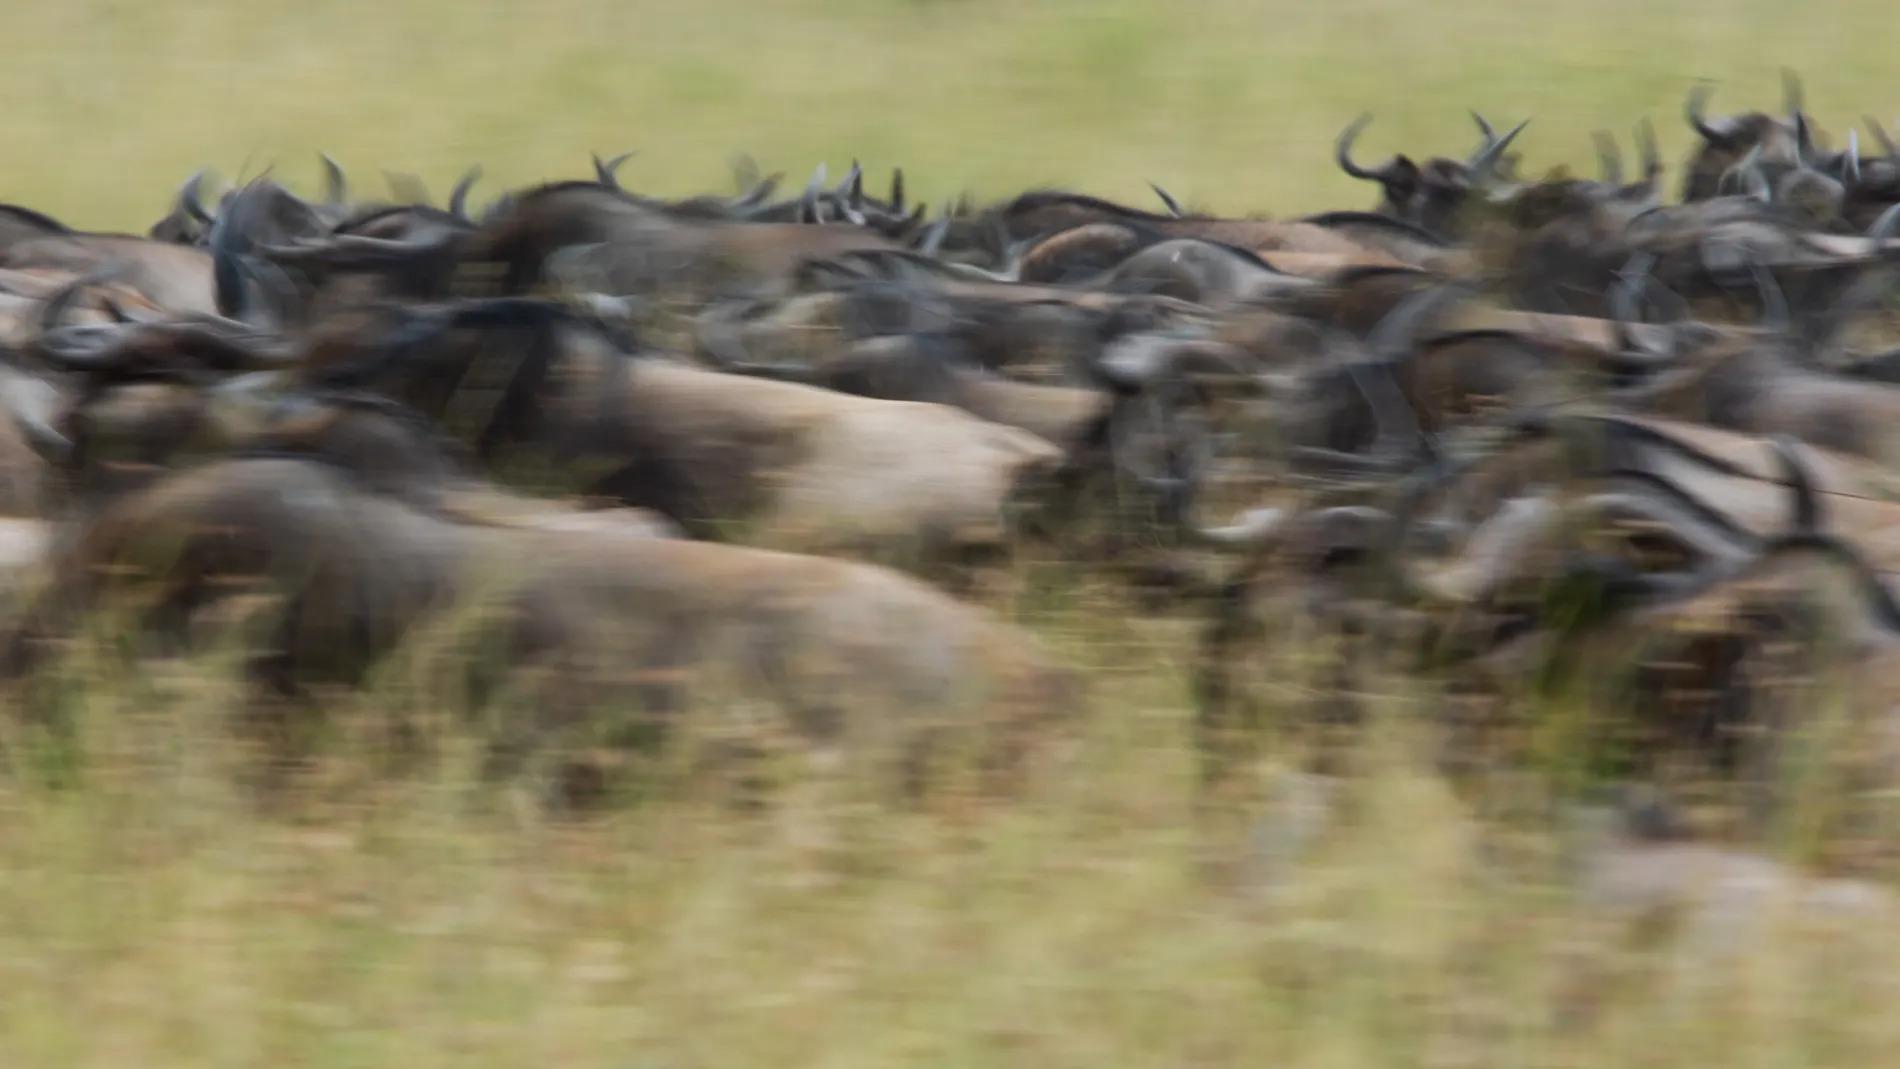 Wildebeest blur